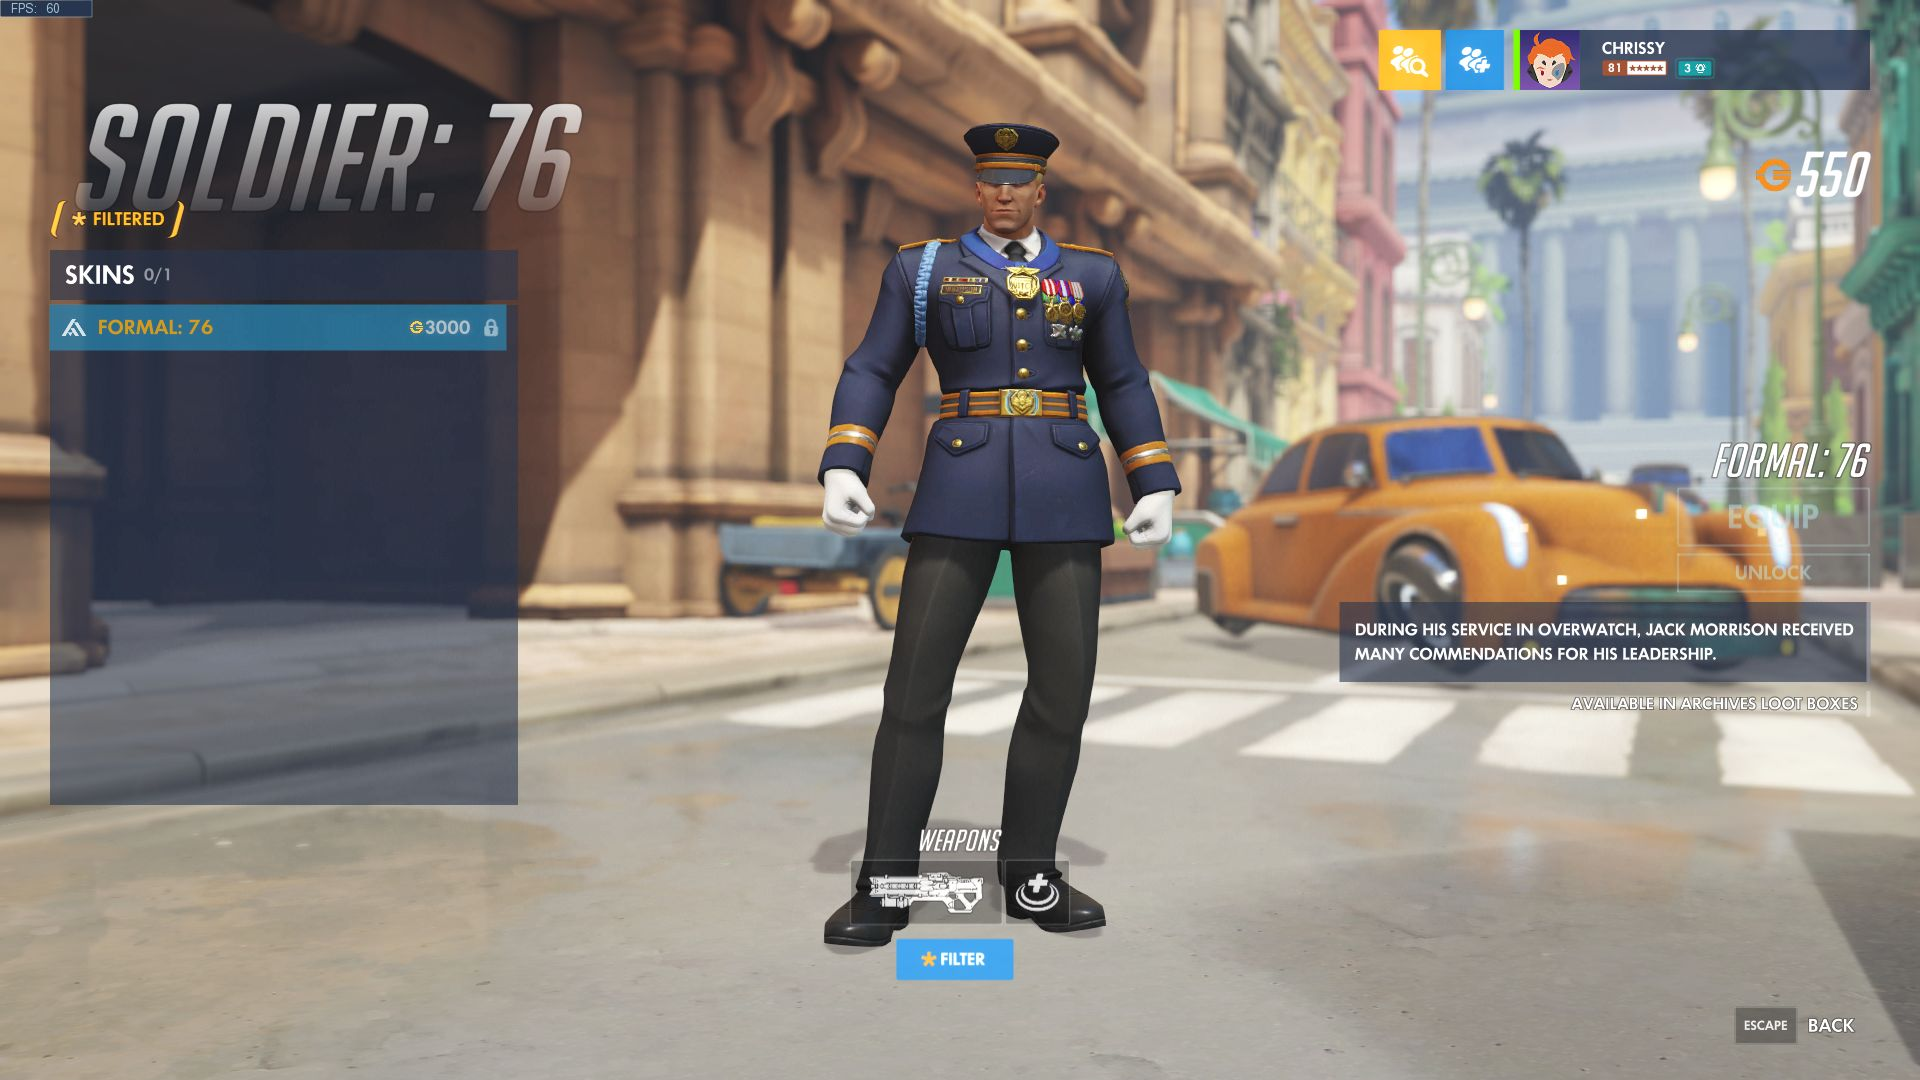 Overwatch Soldier: 76 Formal skin